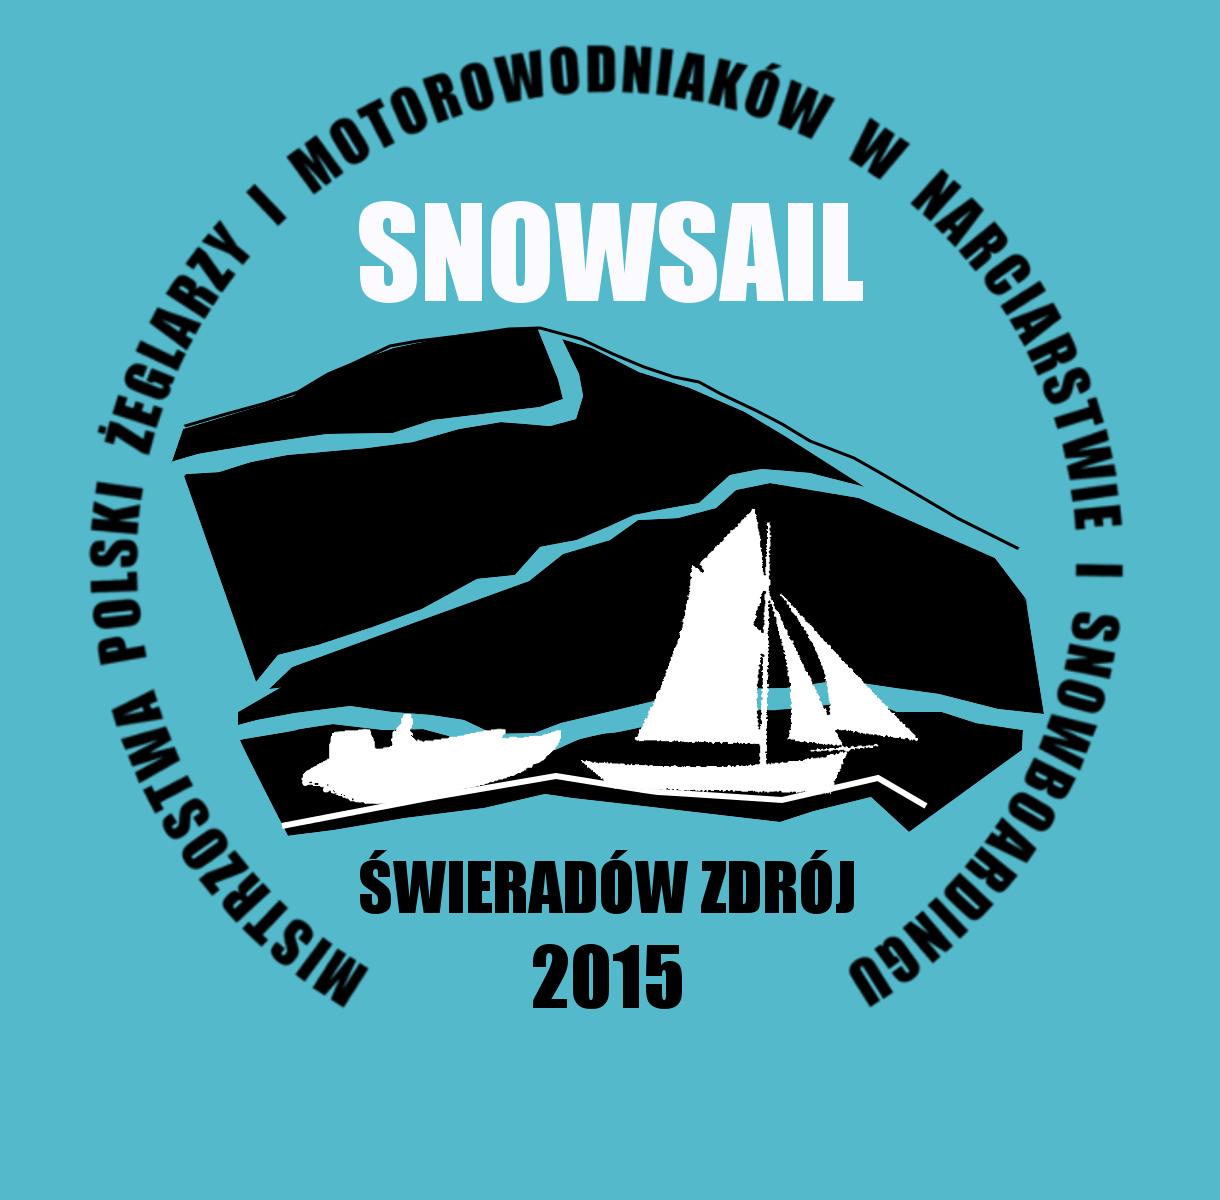 snowsail 2015